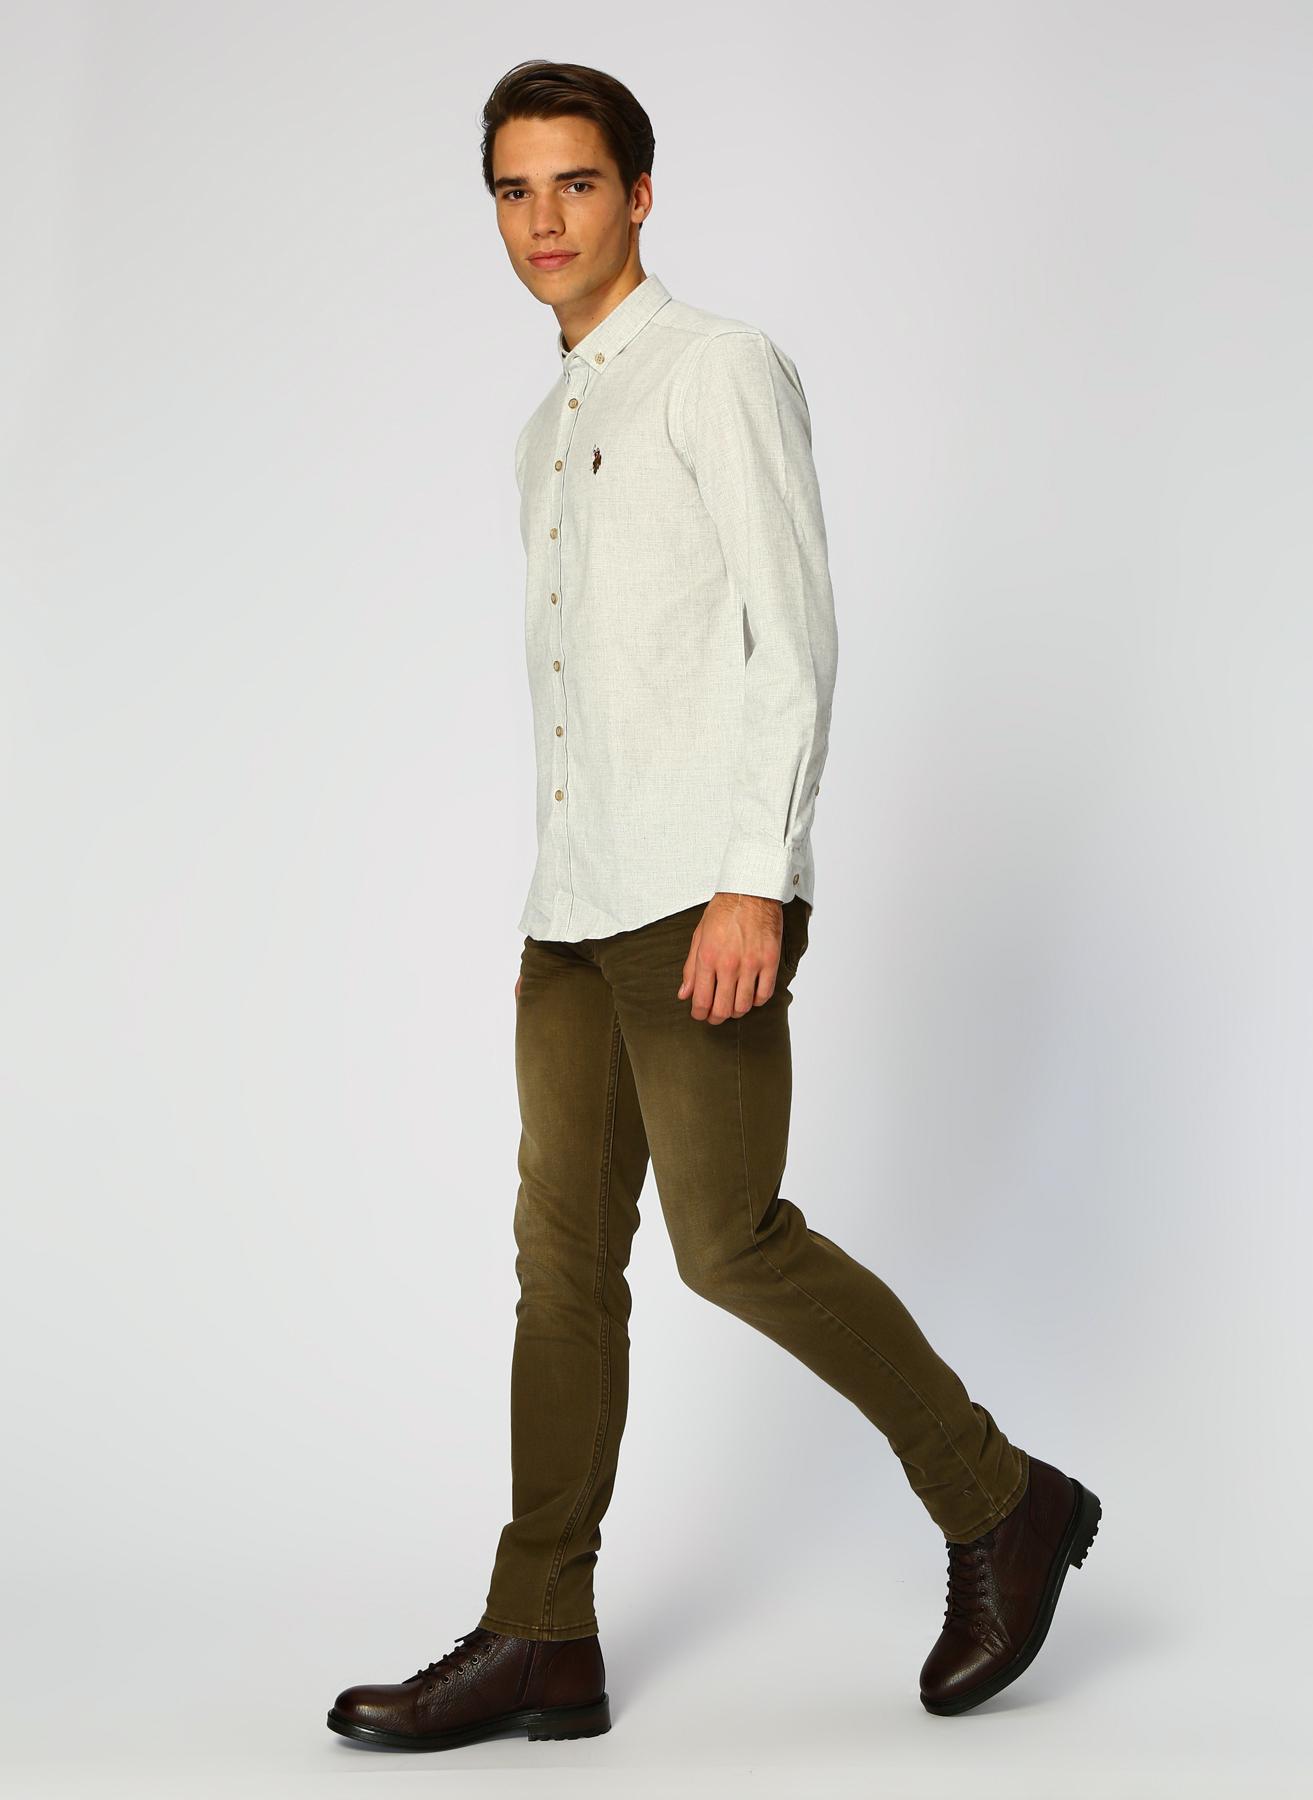 U.S. Polo Assn. Slim Fit Koyu Haki Denim Pantolon 29-32 5001704793007 Ürün Resmi